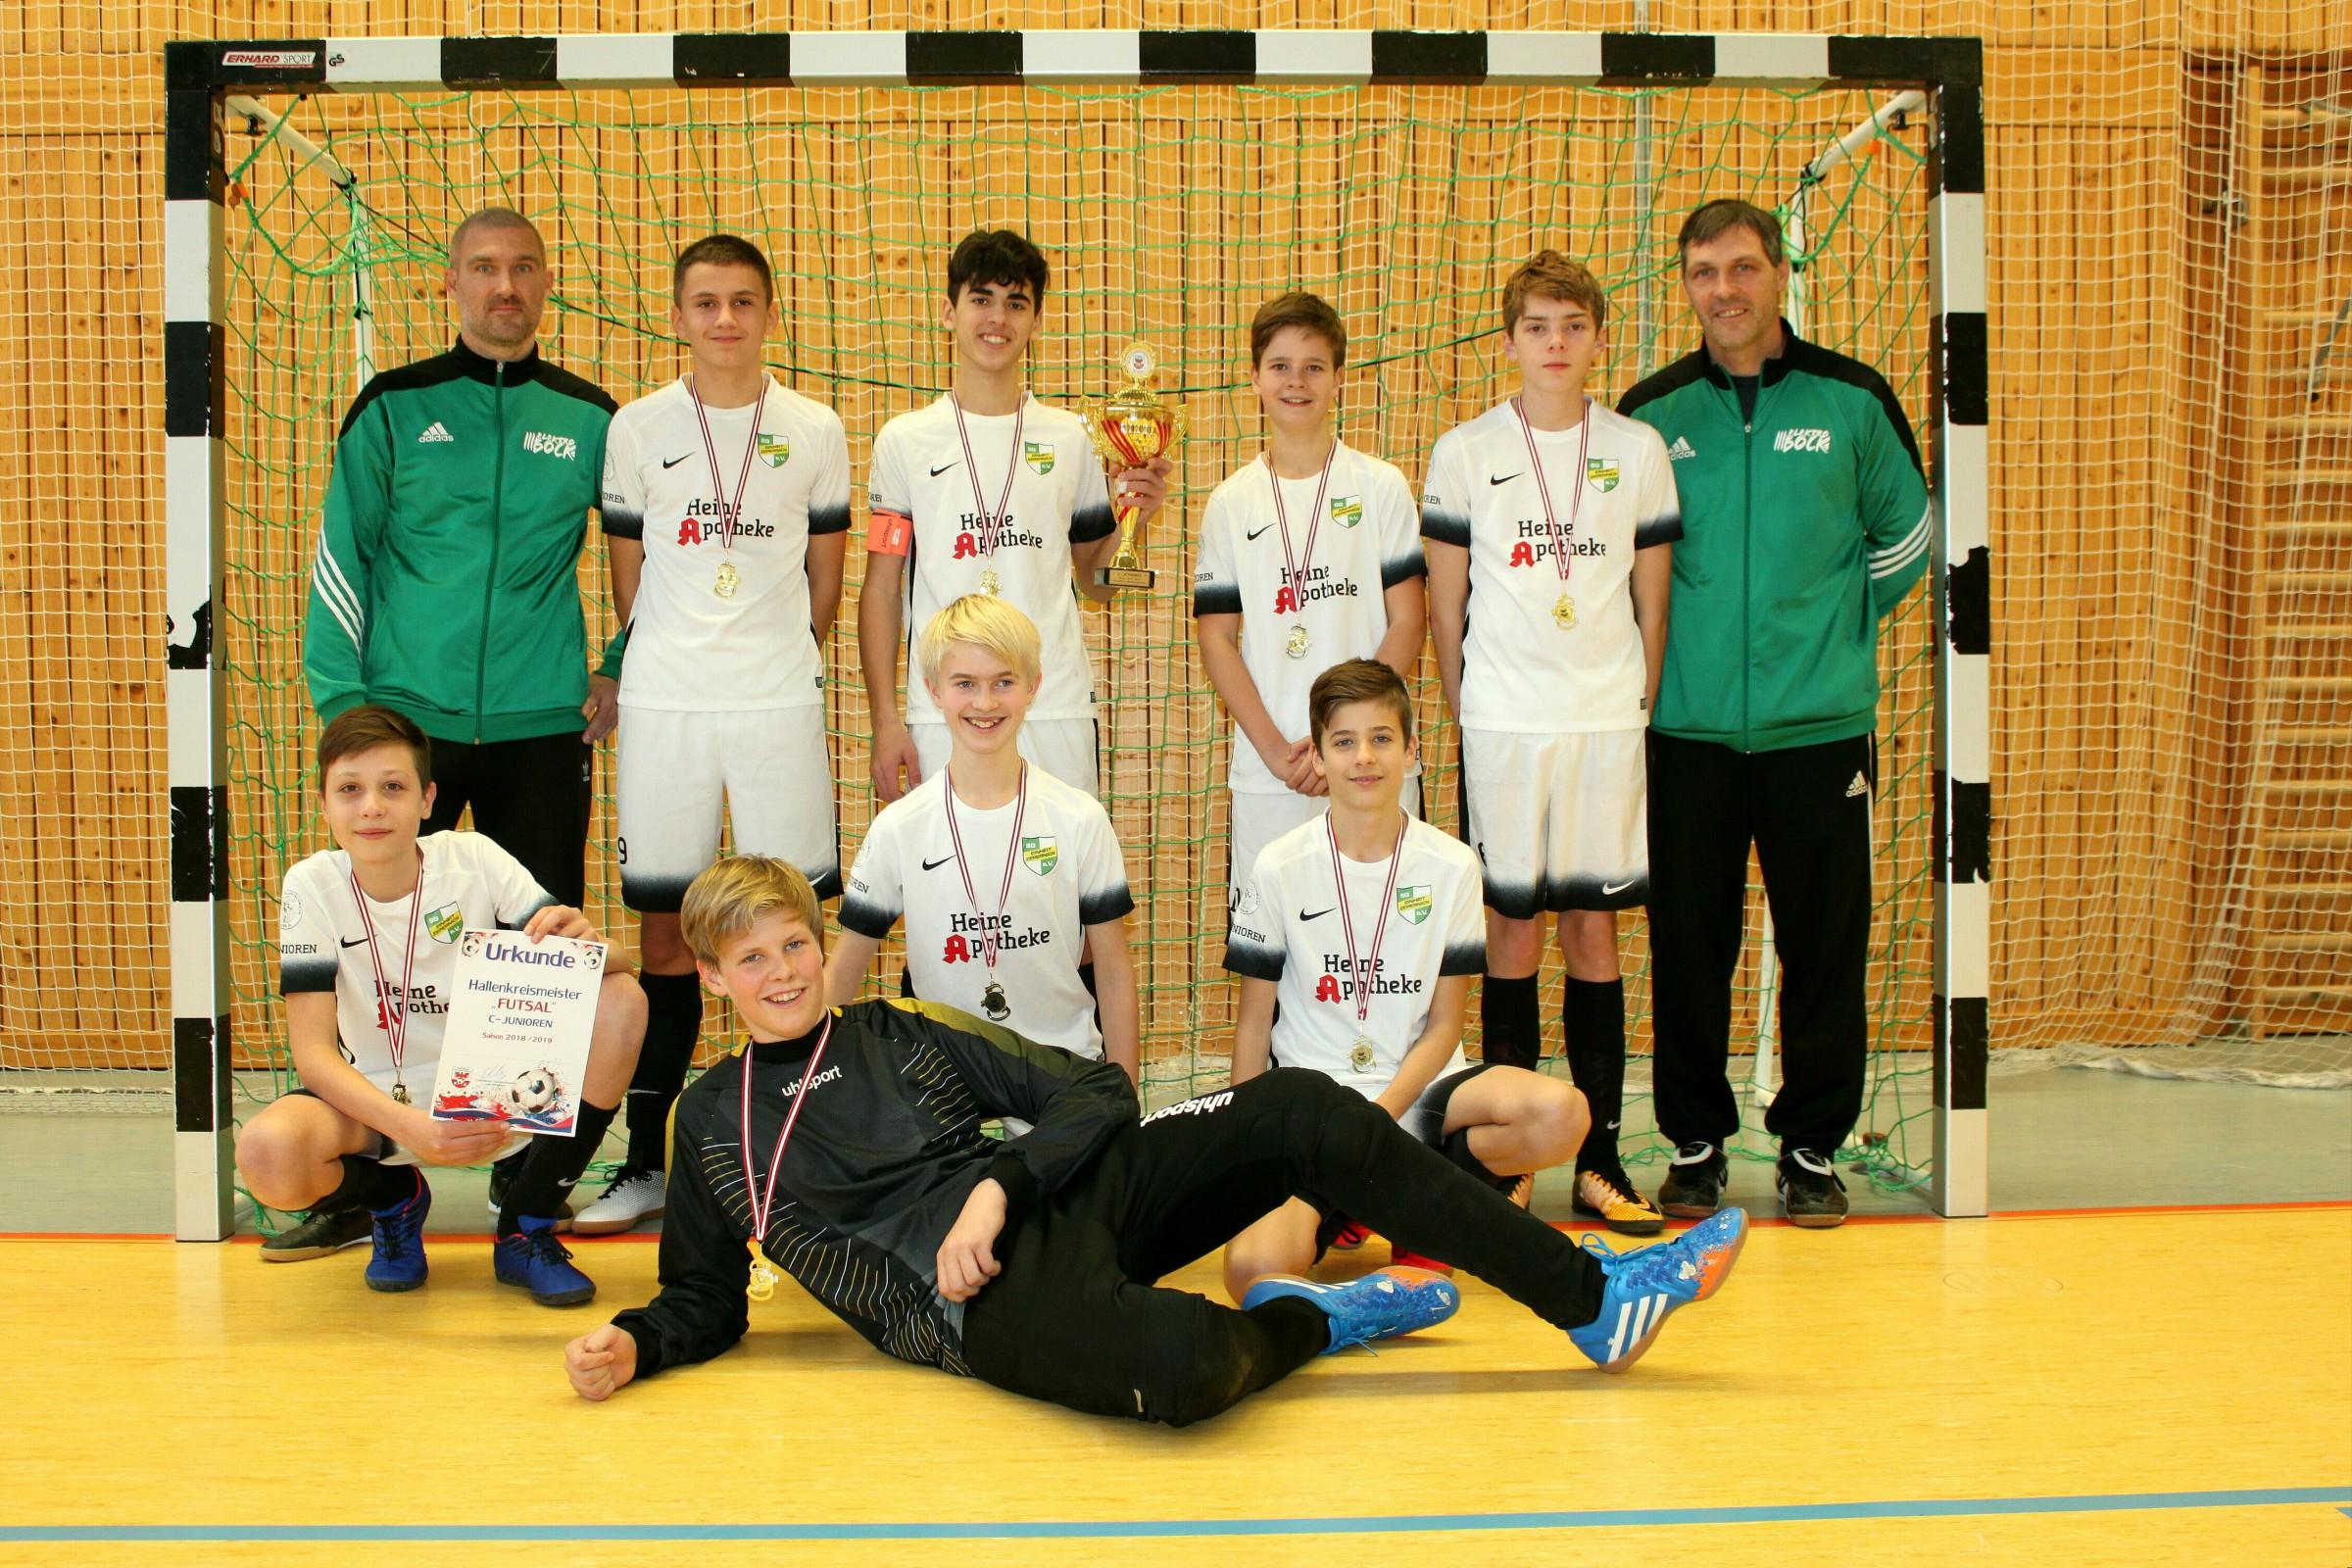 20181124 Hallenkreismeister C-Junioren 2018 SG Einheit Zepernick